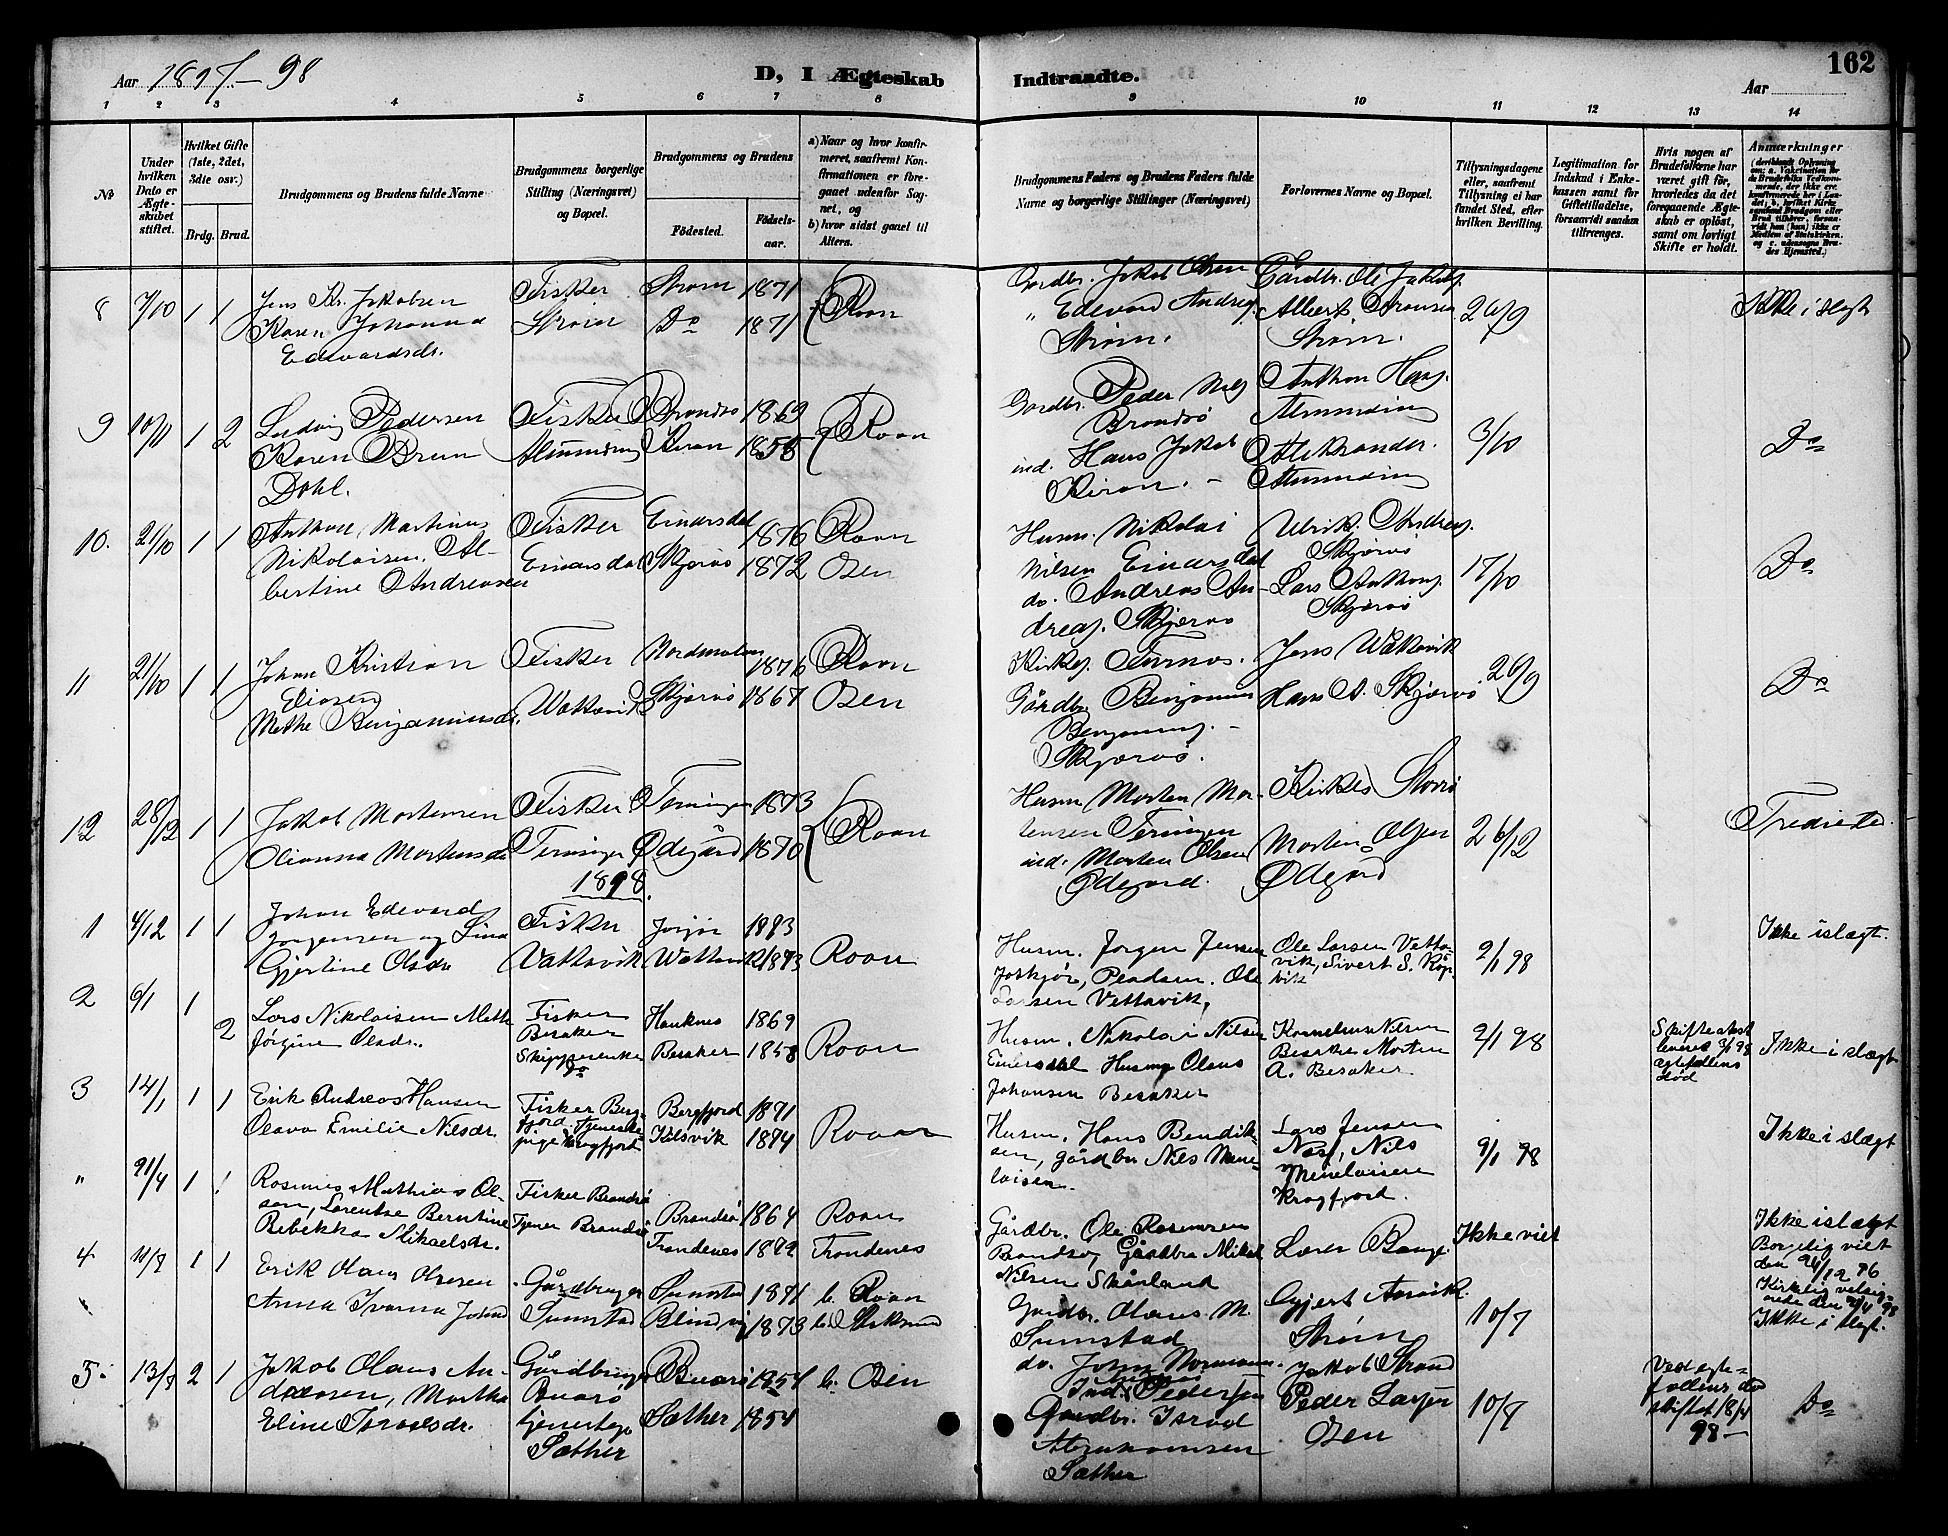 SAT, Ministerialprotokoller, klokkerbøker og fødselsregistre - Sør-Trøndelag, 657/L0716: Klokkerbok nr. 657C03, 1889-1904, s. 162